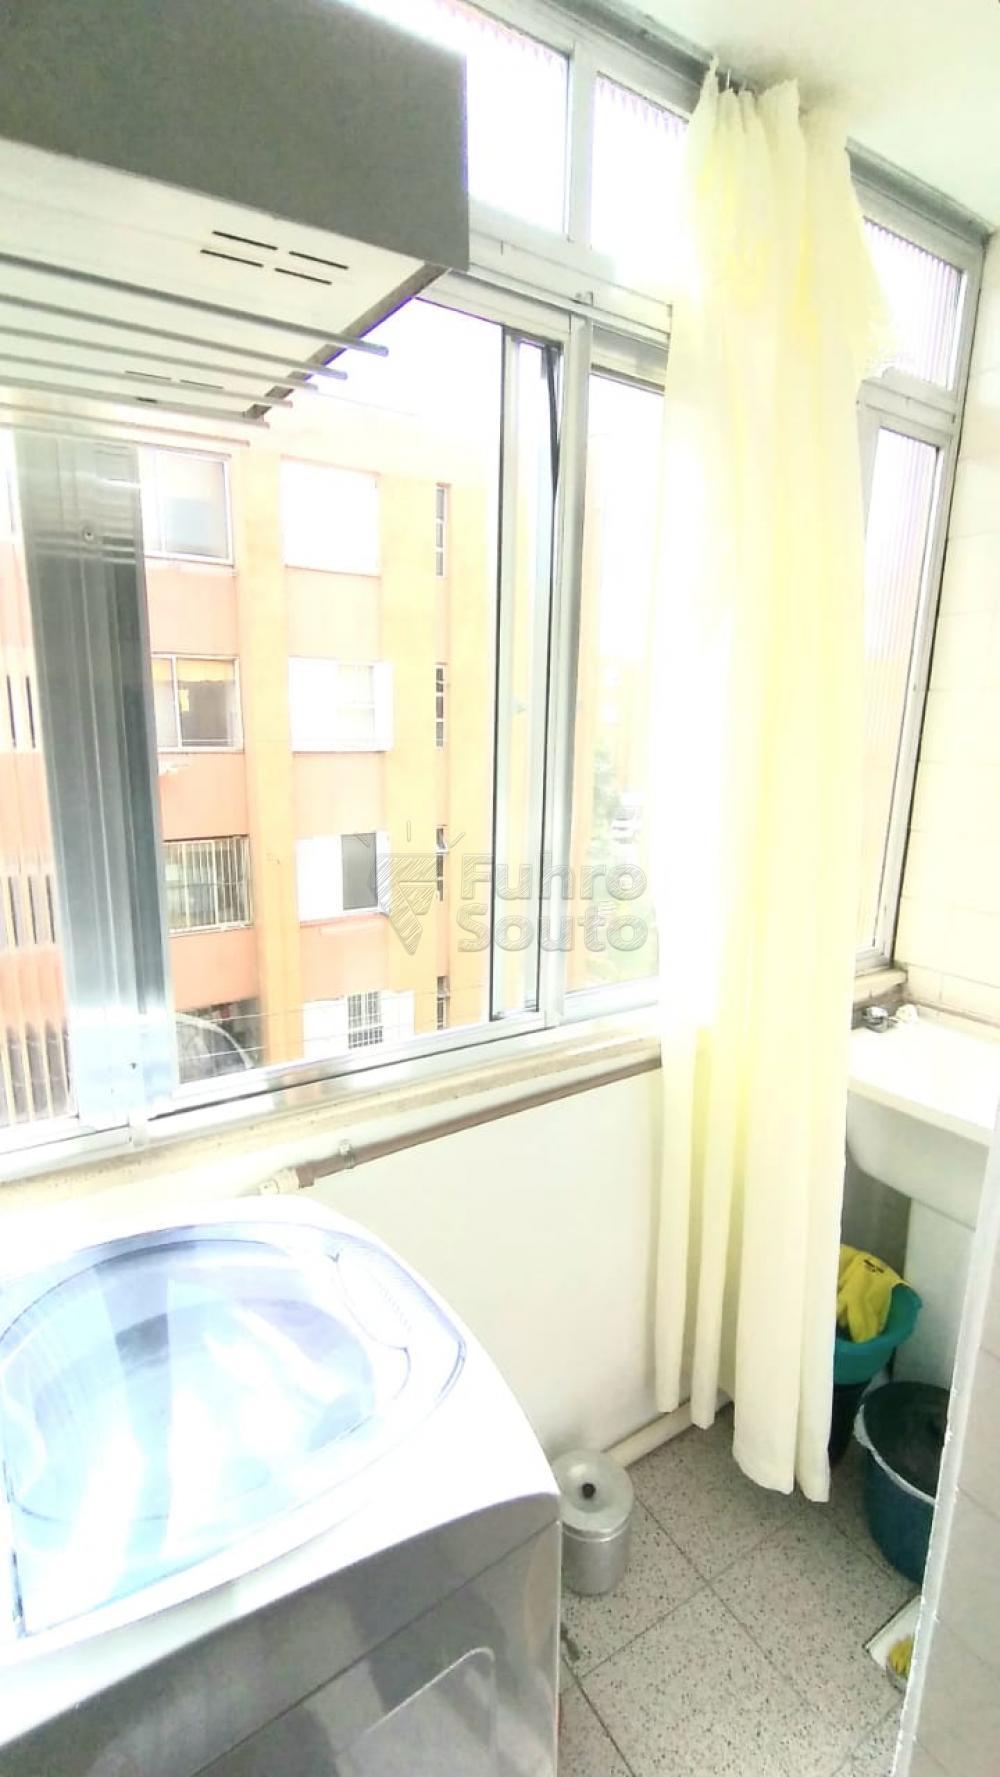 Comprar Apartamento / Padrão em Pelotas R$ 170.000,00 - Foto 9